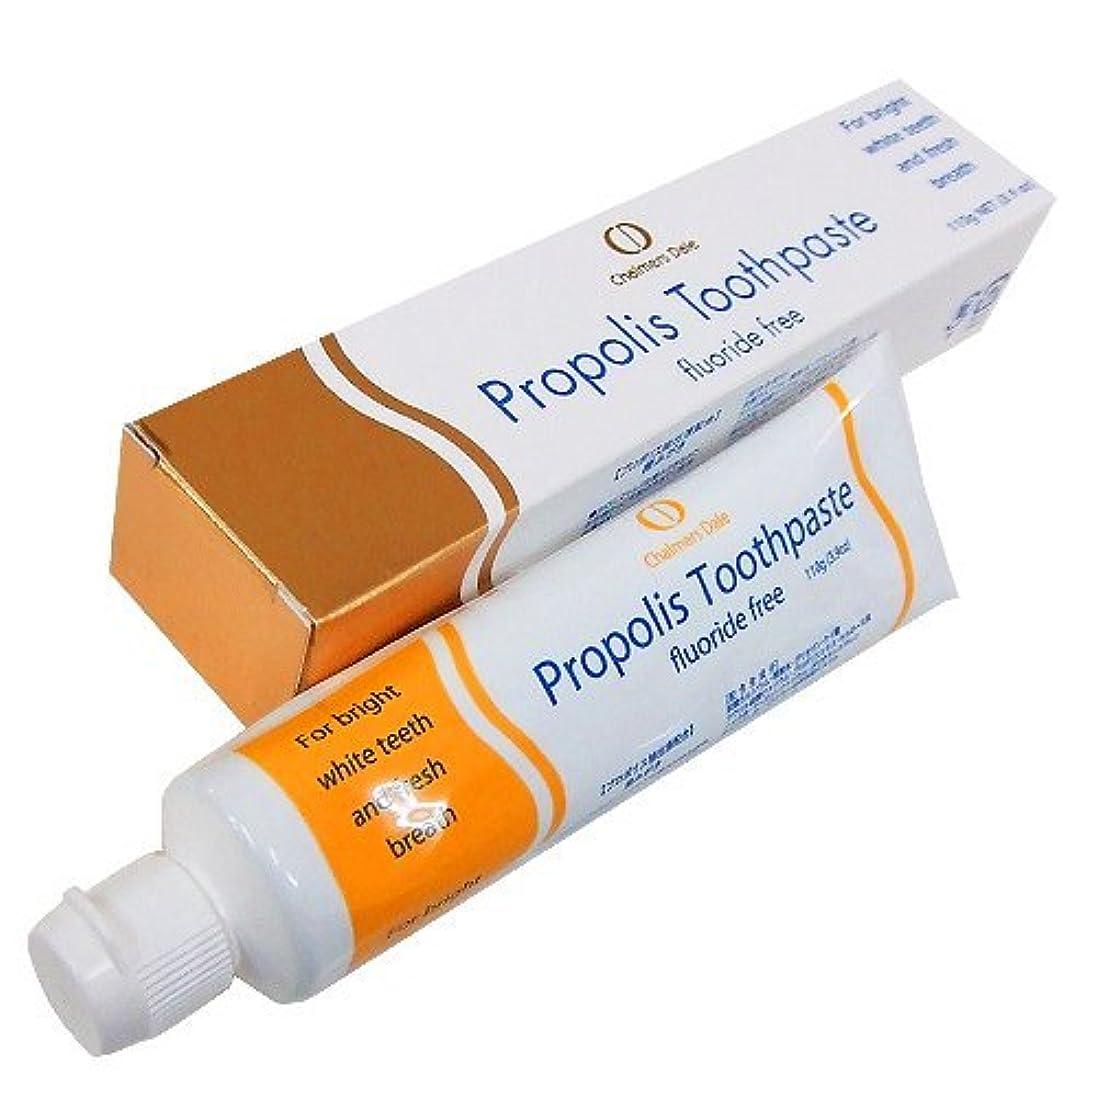 トランザクション兄弟愛飲料プロポリス歯磨き 110g フッ素は配合していません